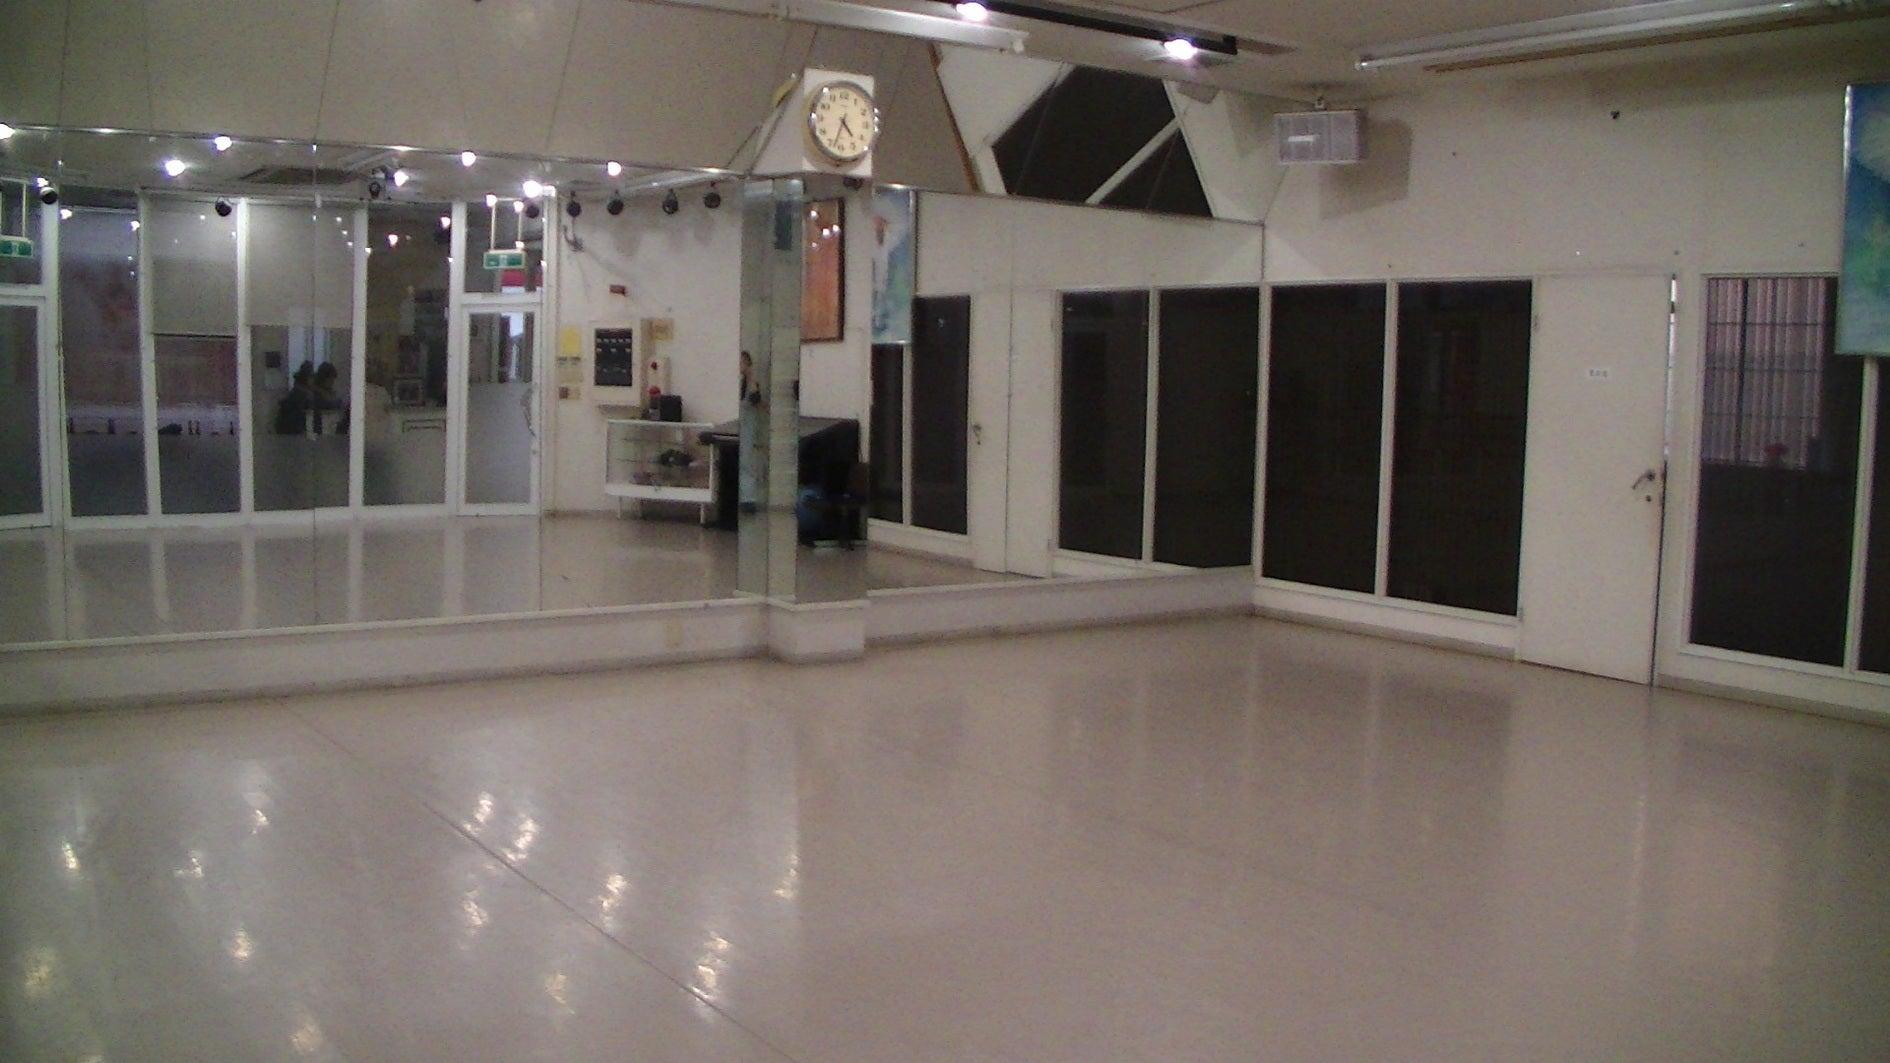 ダンス・スポットライトがついてるスタジオ・セミナー・会議室他(ダンス・スポットライトがついてるスタジオ・セミナー・会議室他) の写真0